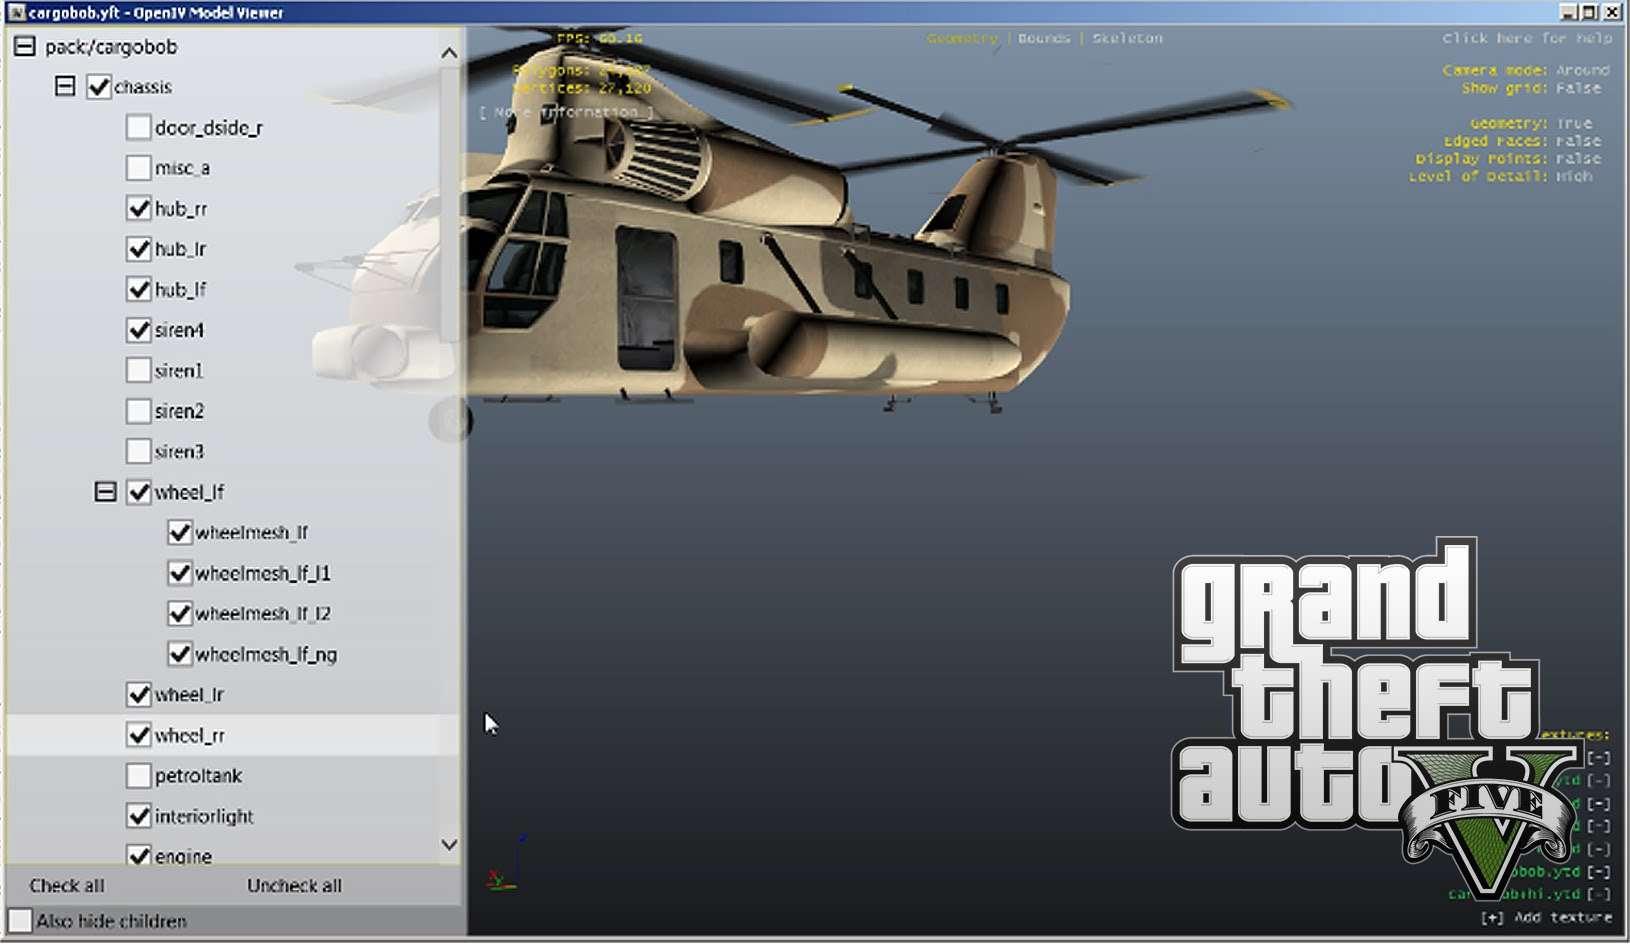 Popüler bir Grand Theft Auto modlama aracı, arkasındaki grup olan Take-Two Interactive'den bir durdurma emri aldığını bildirdikten sonra kapatıldı.